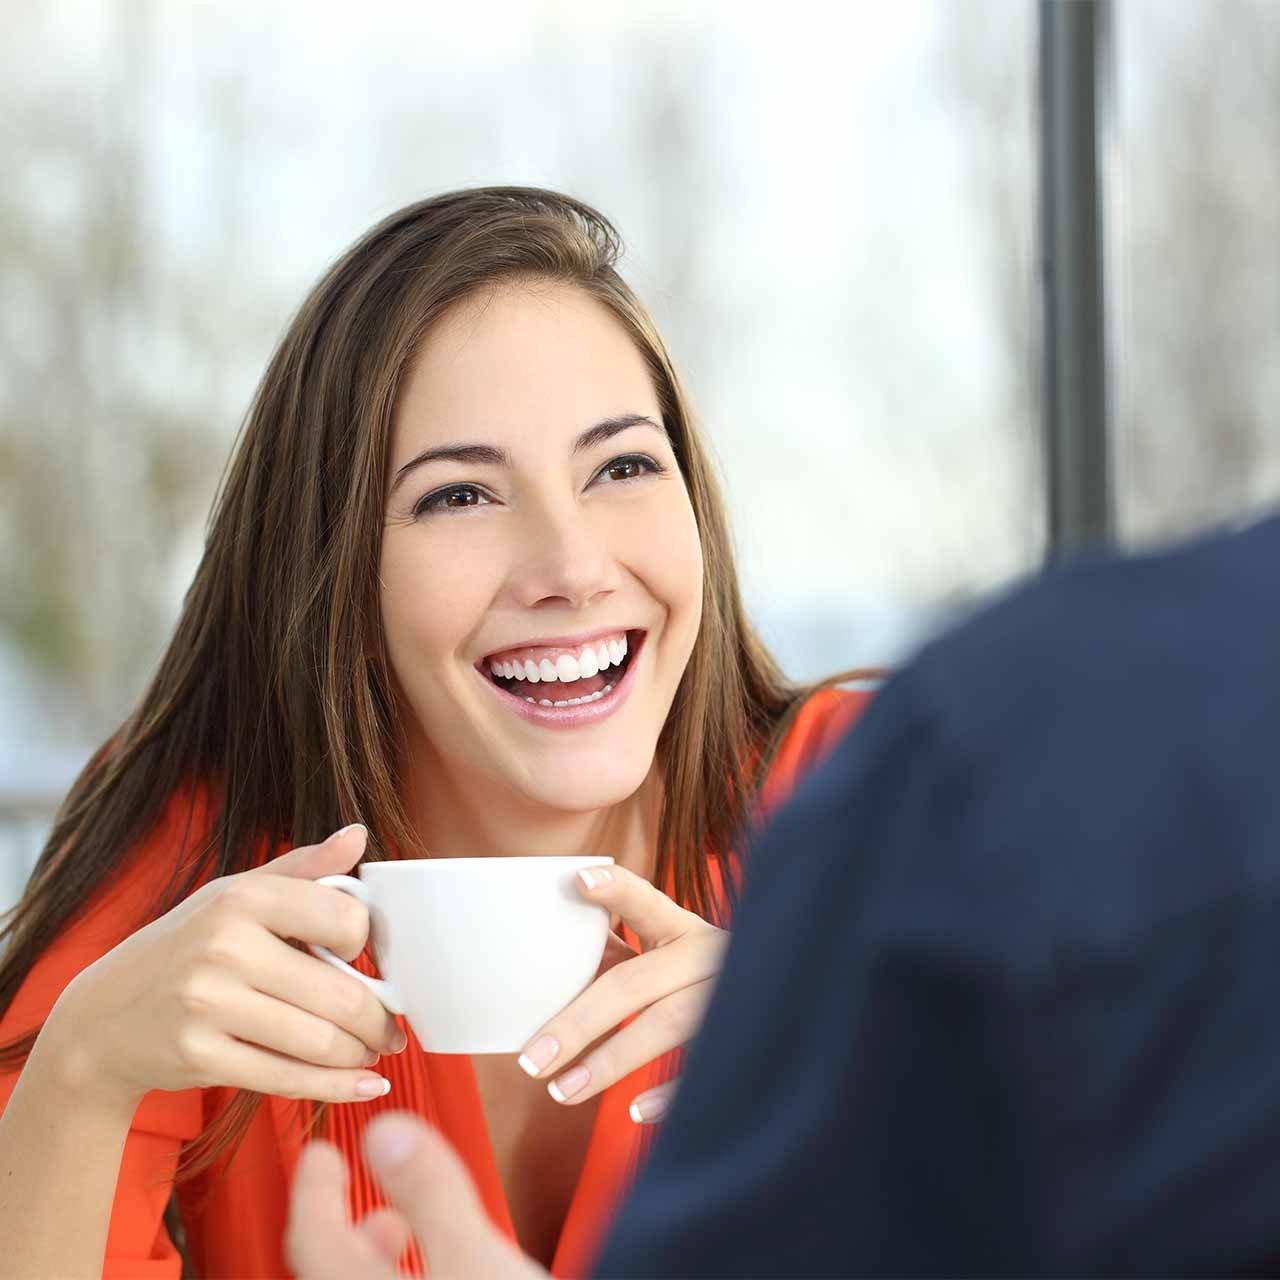 版権:Antonio Guillem/Shutterstock.com